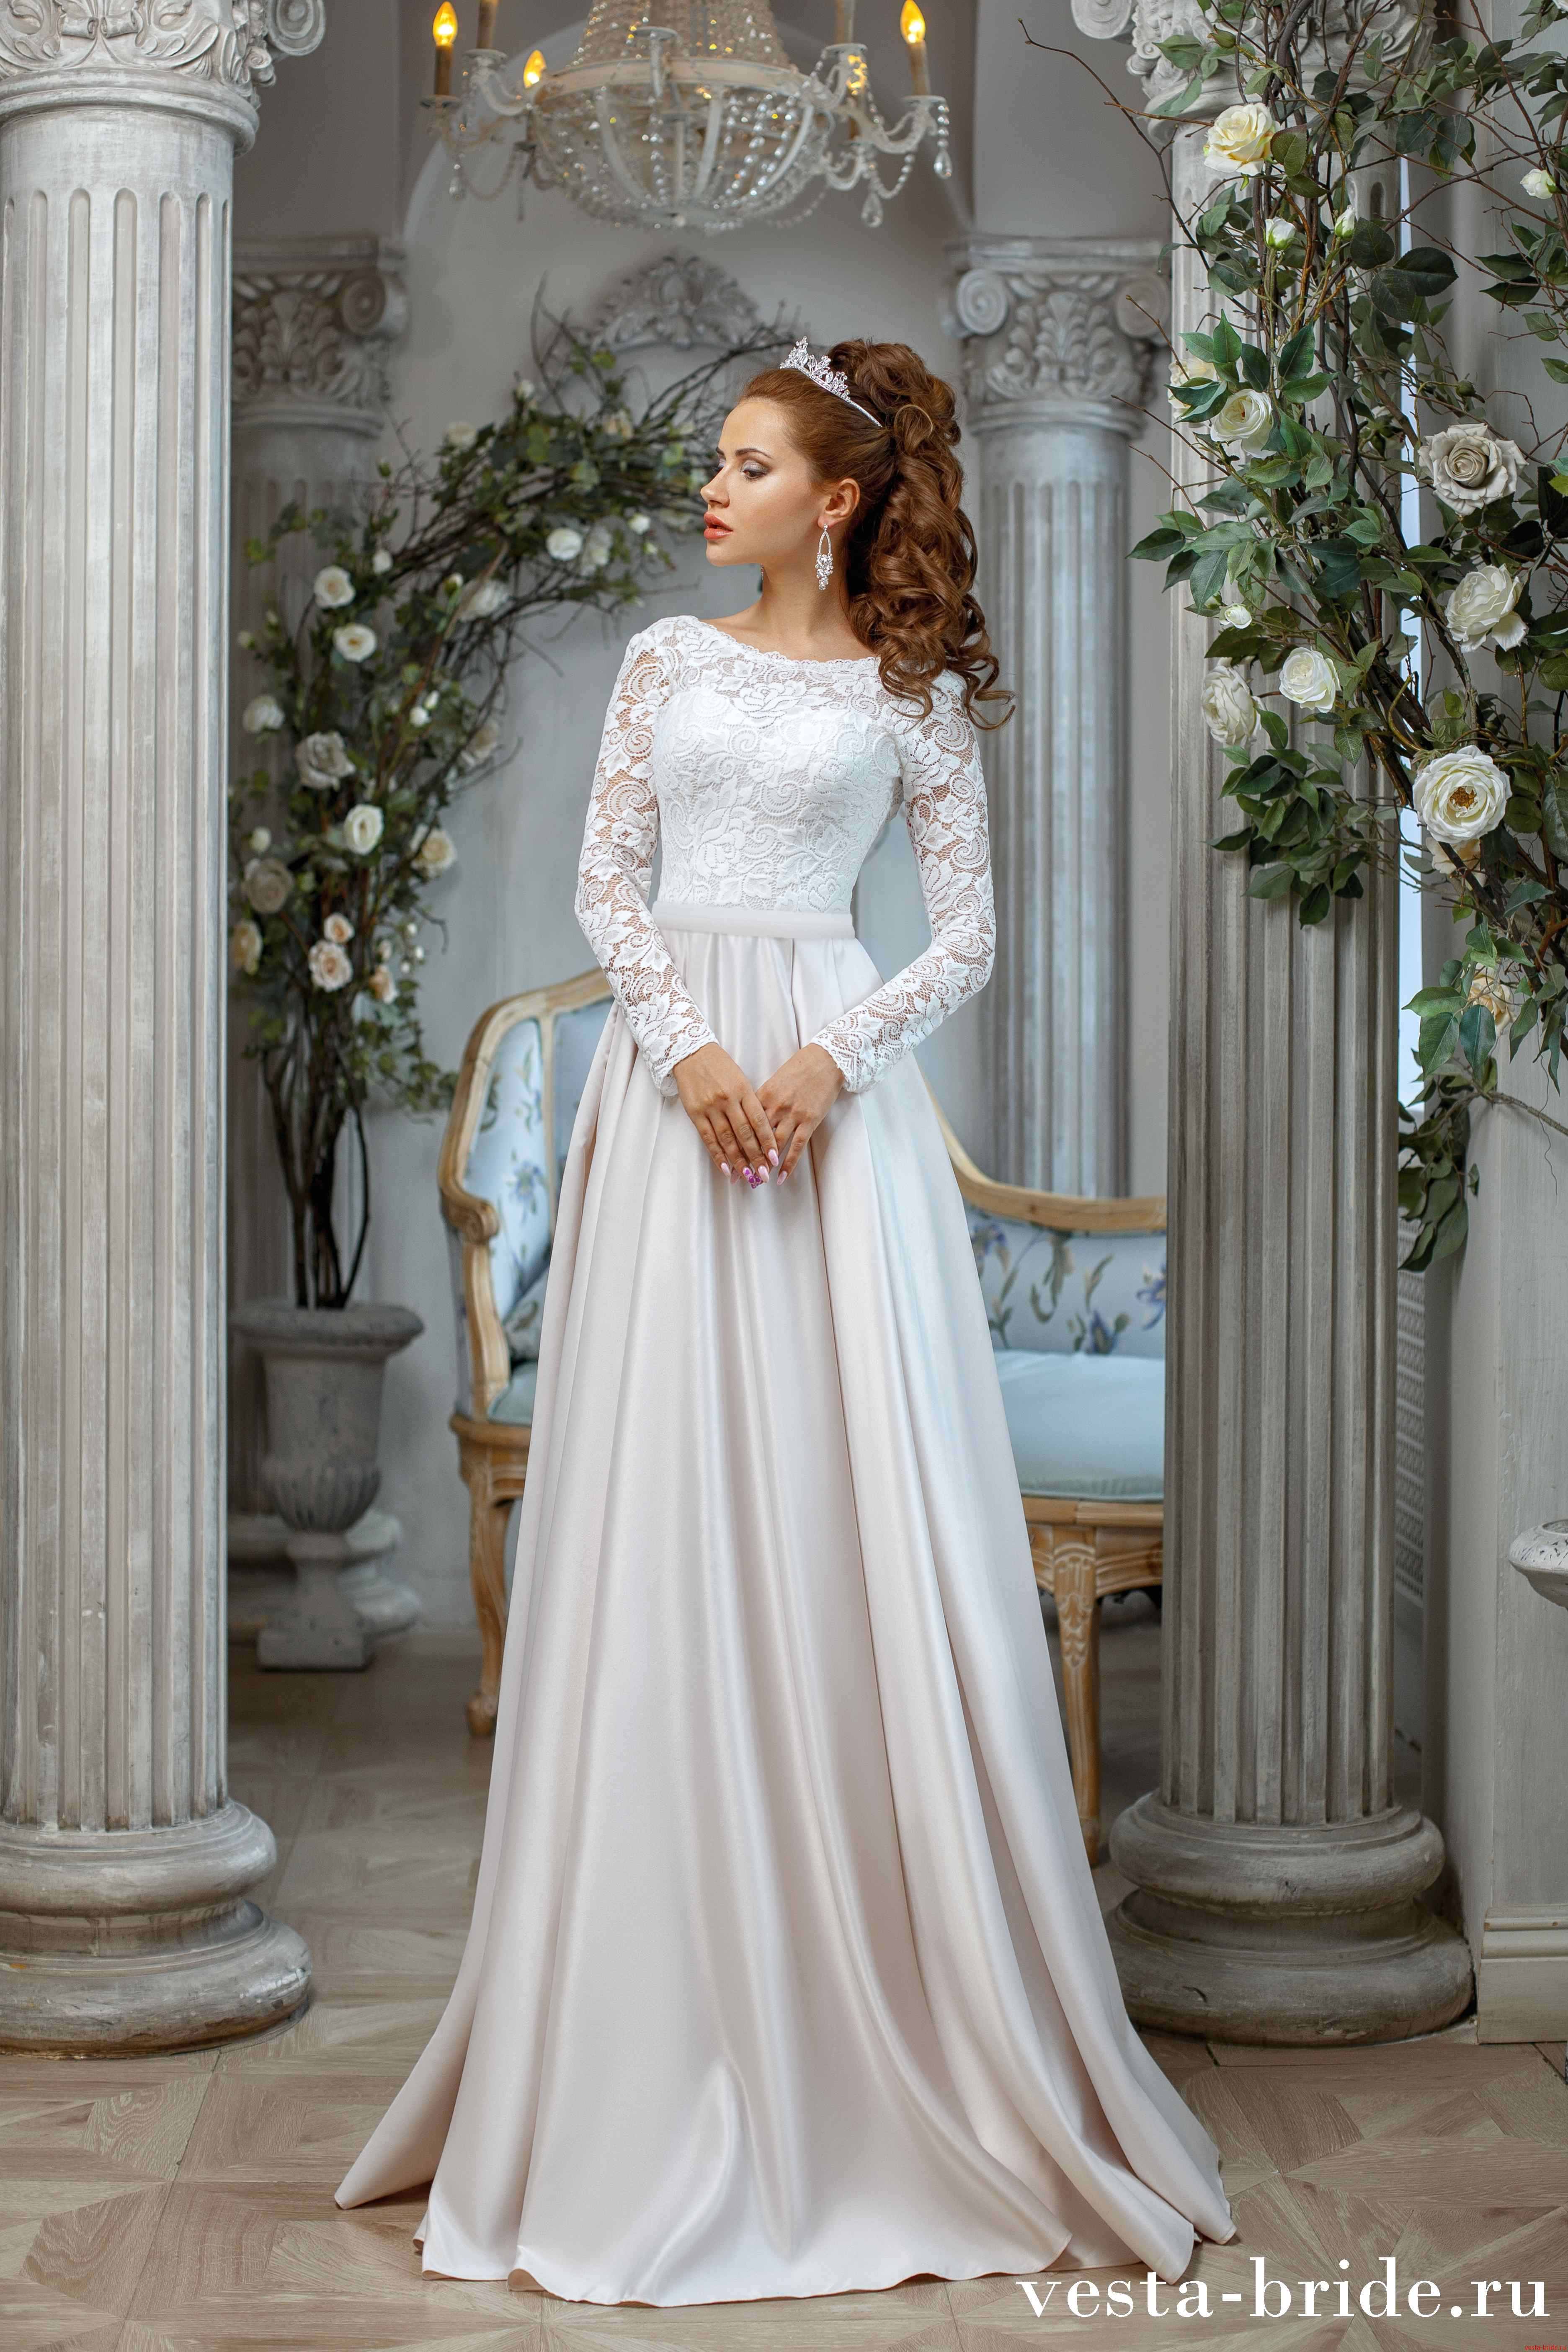 66e92a9c9f9 Купить свадебные платья для венчания в Санкт-Петербурге